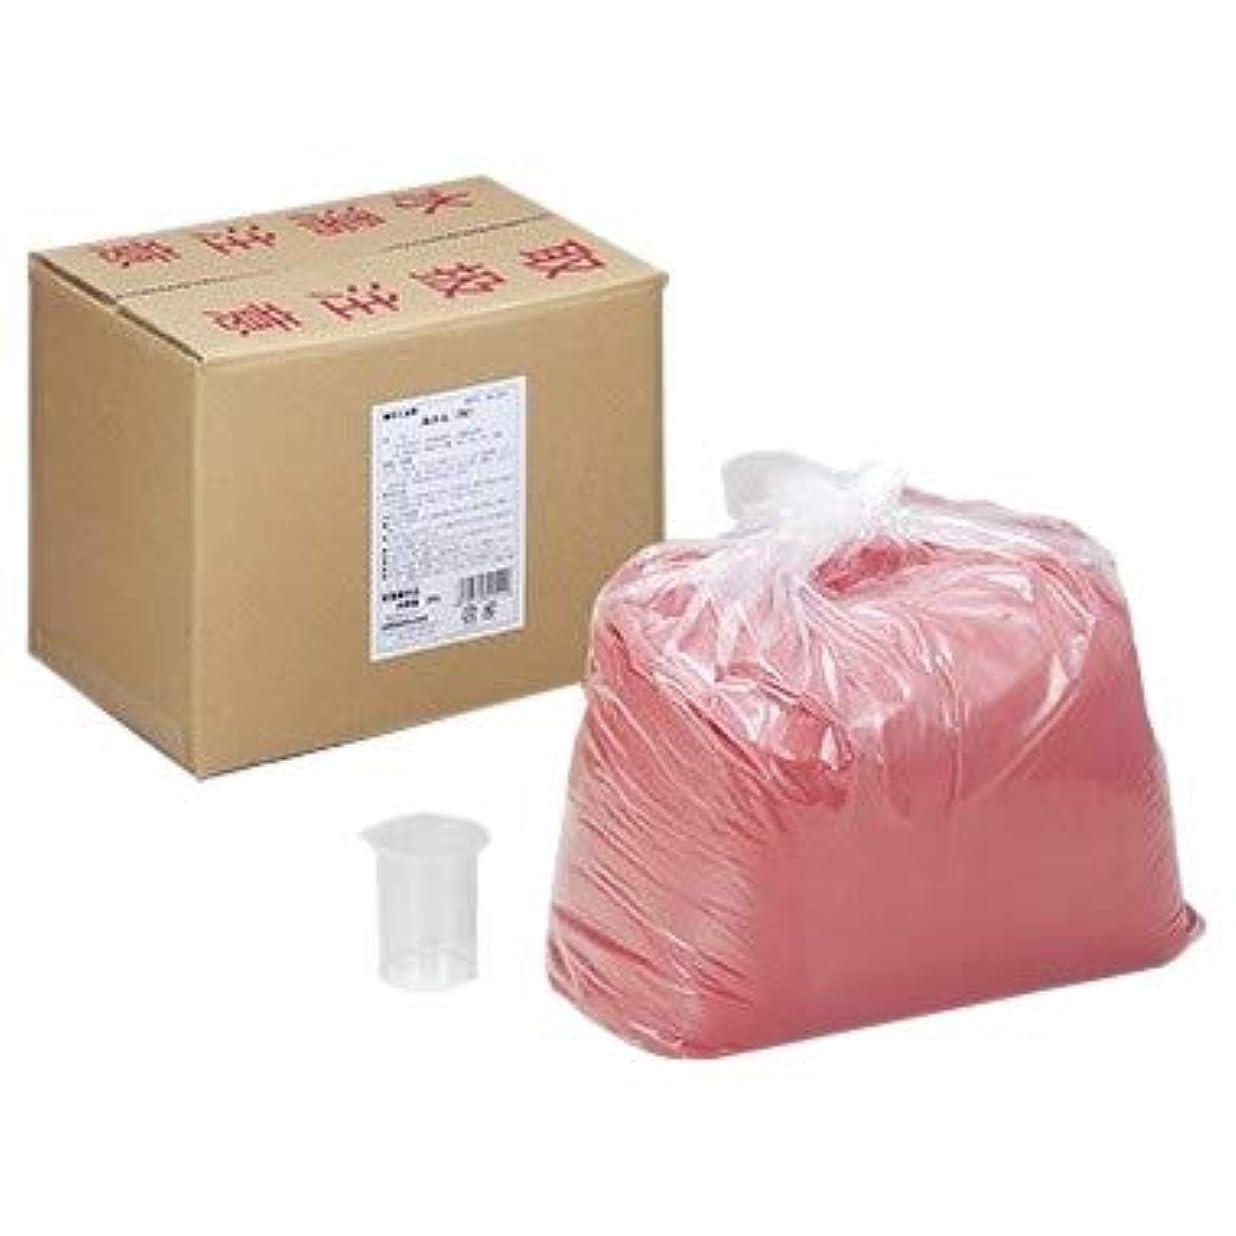 建設有益なスポットみかん 業務用 20kg 入浴剤 医薬部外品